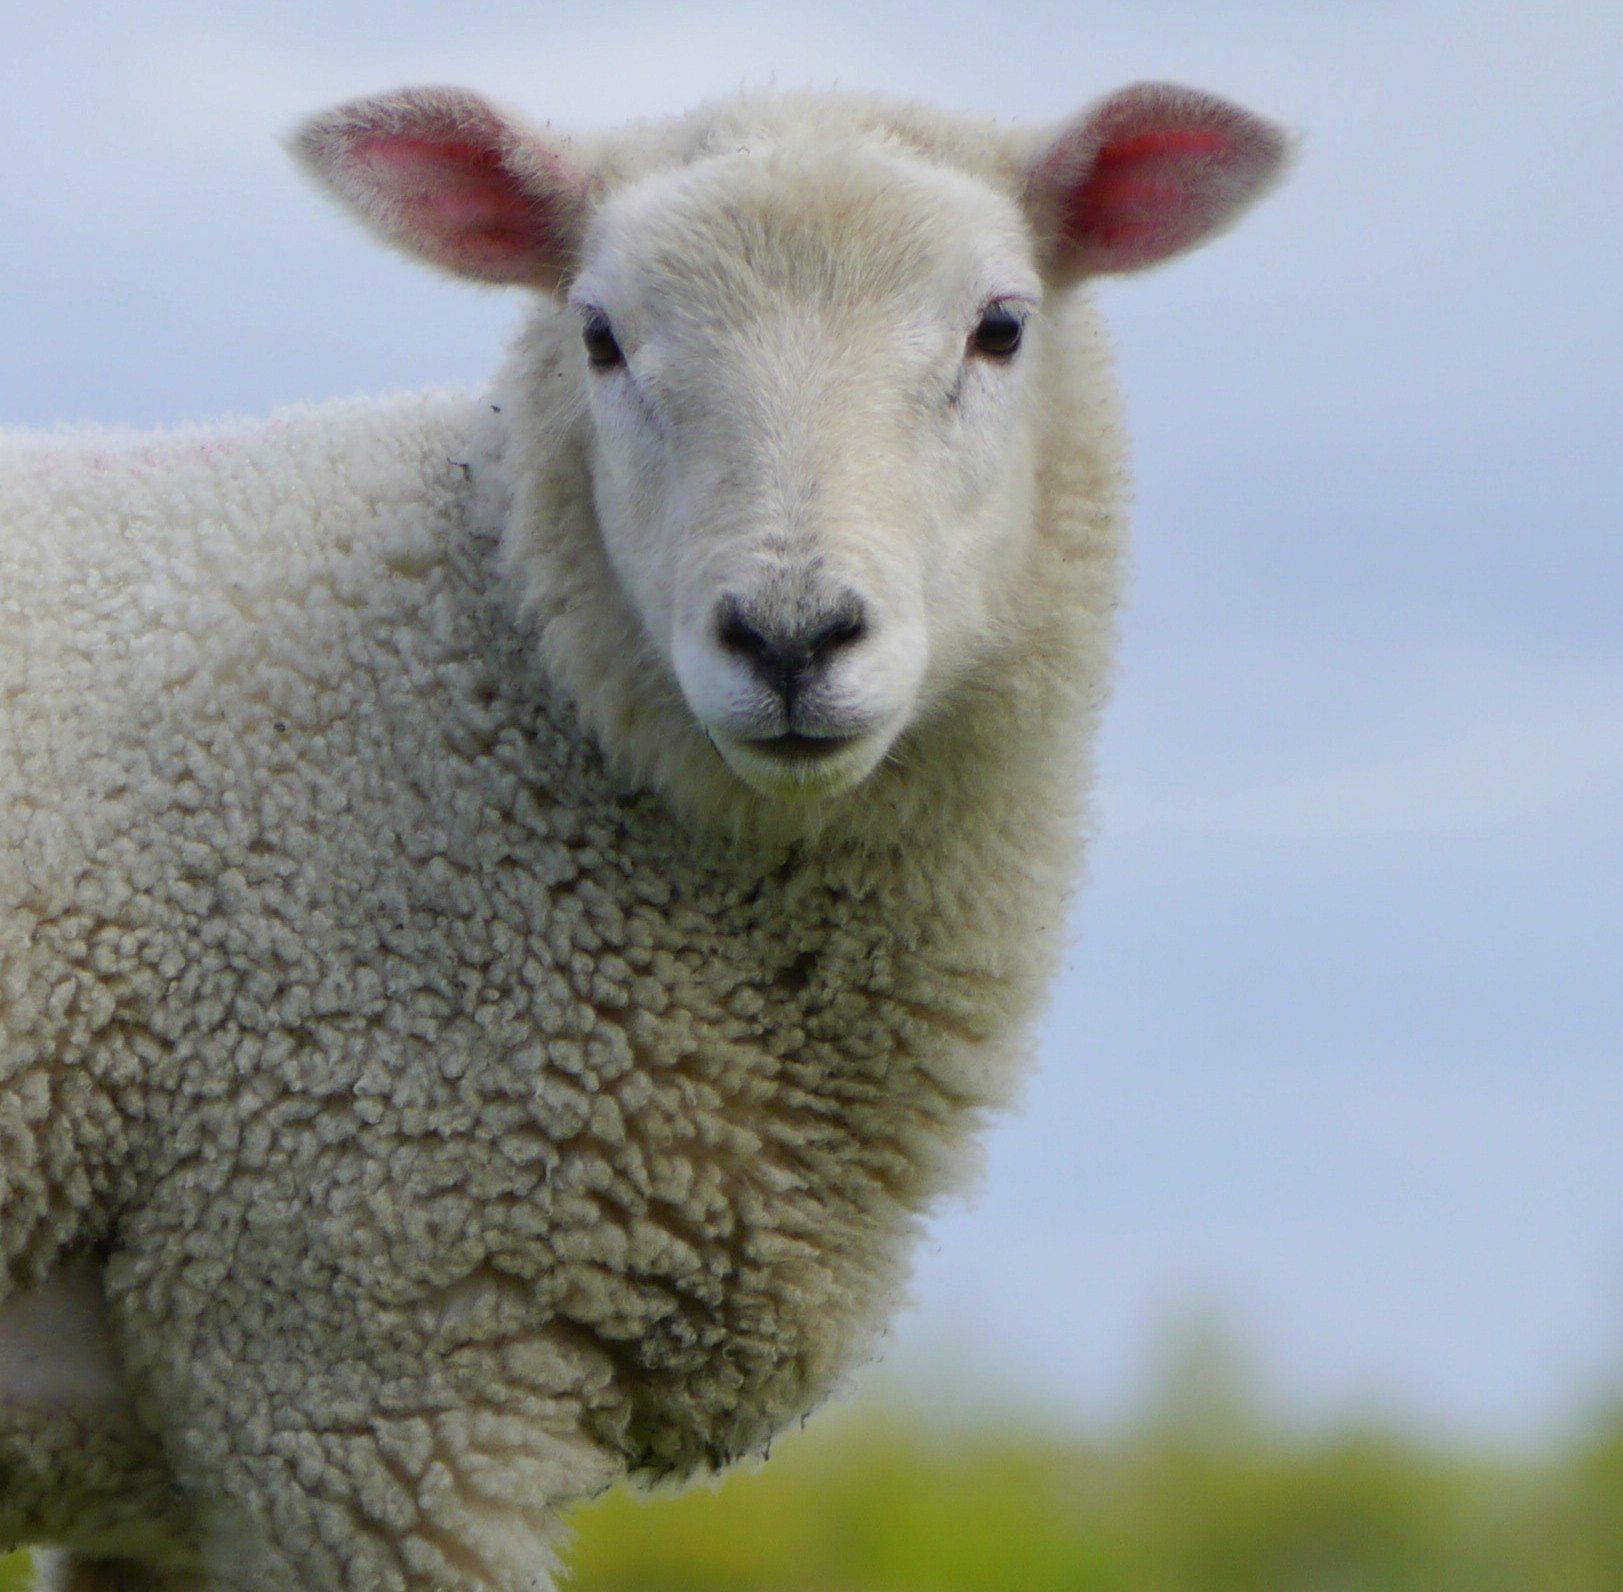 Schaf-auf-Wiese-02-c-PETA-D